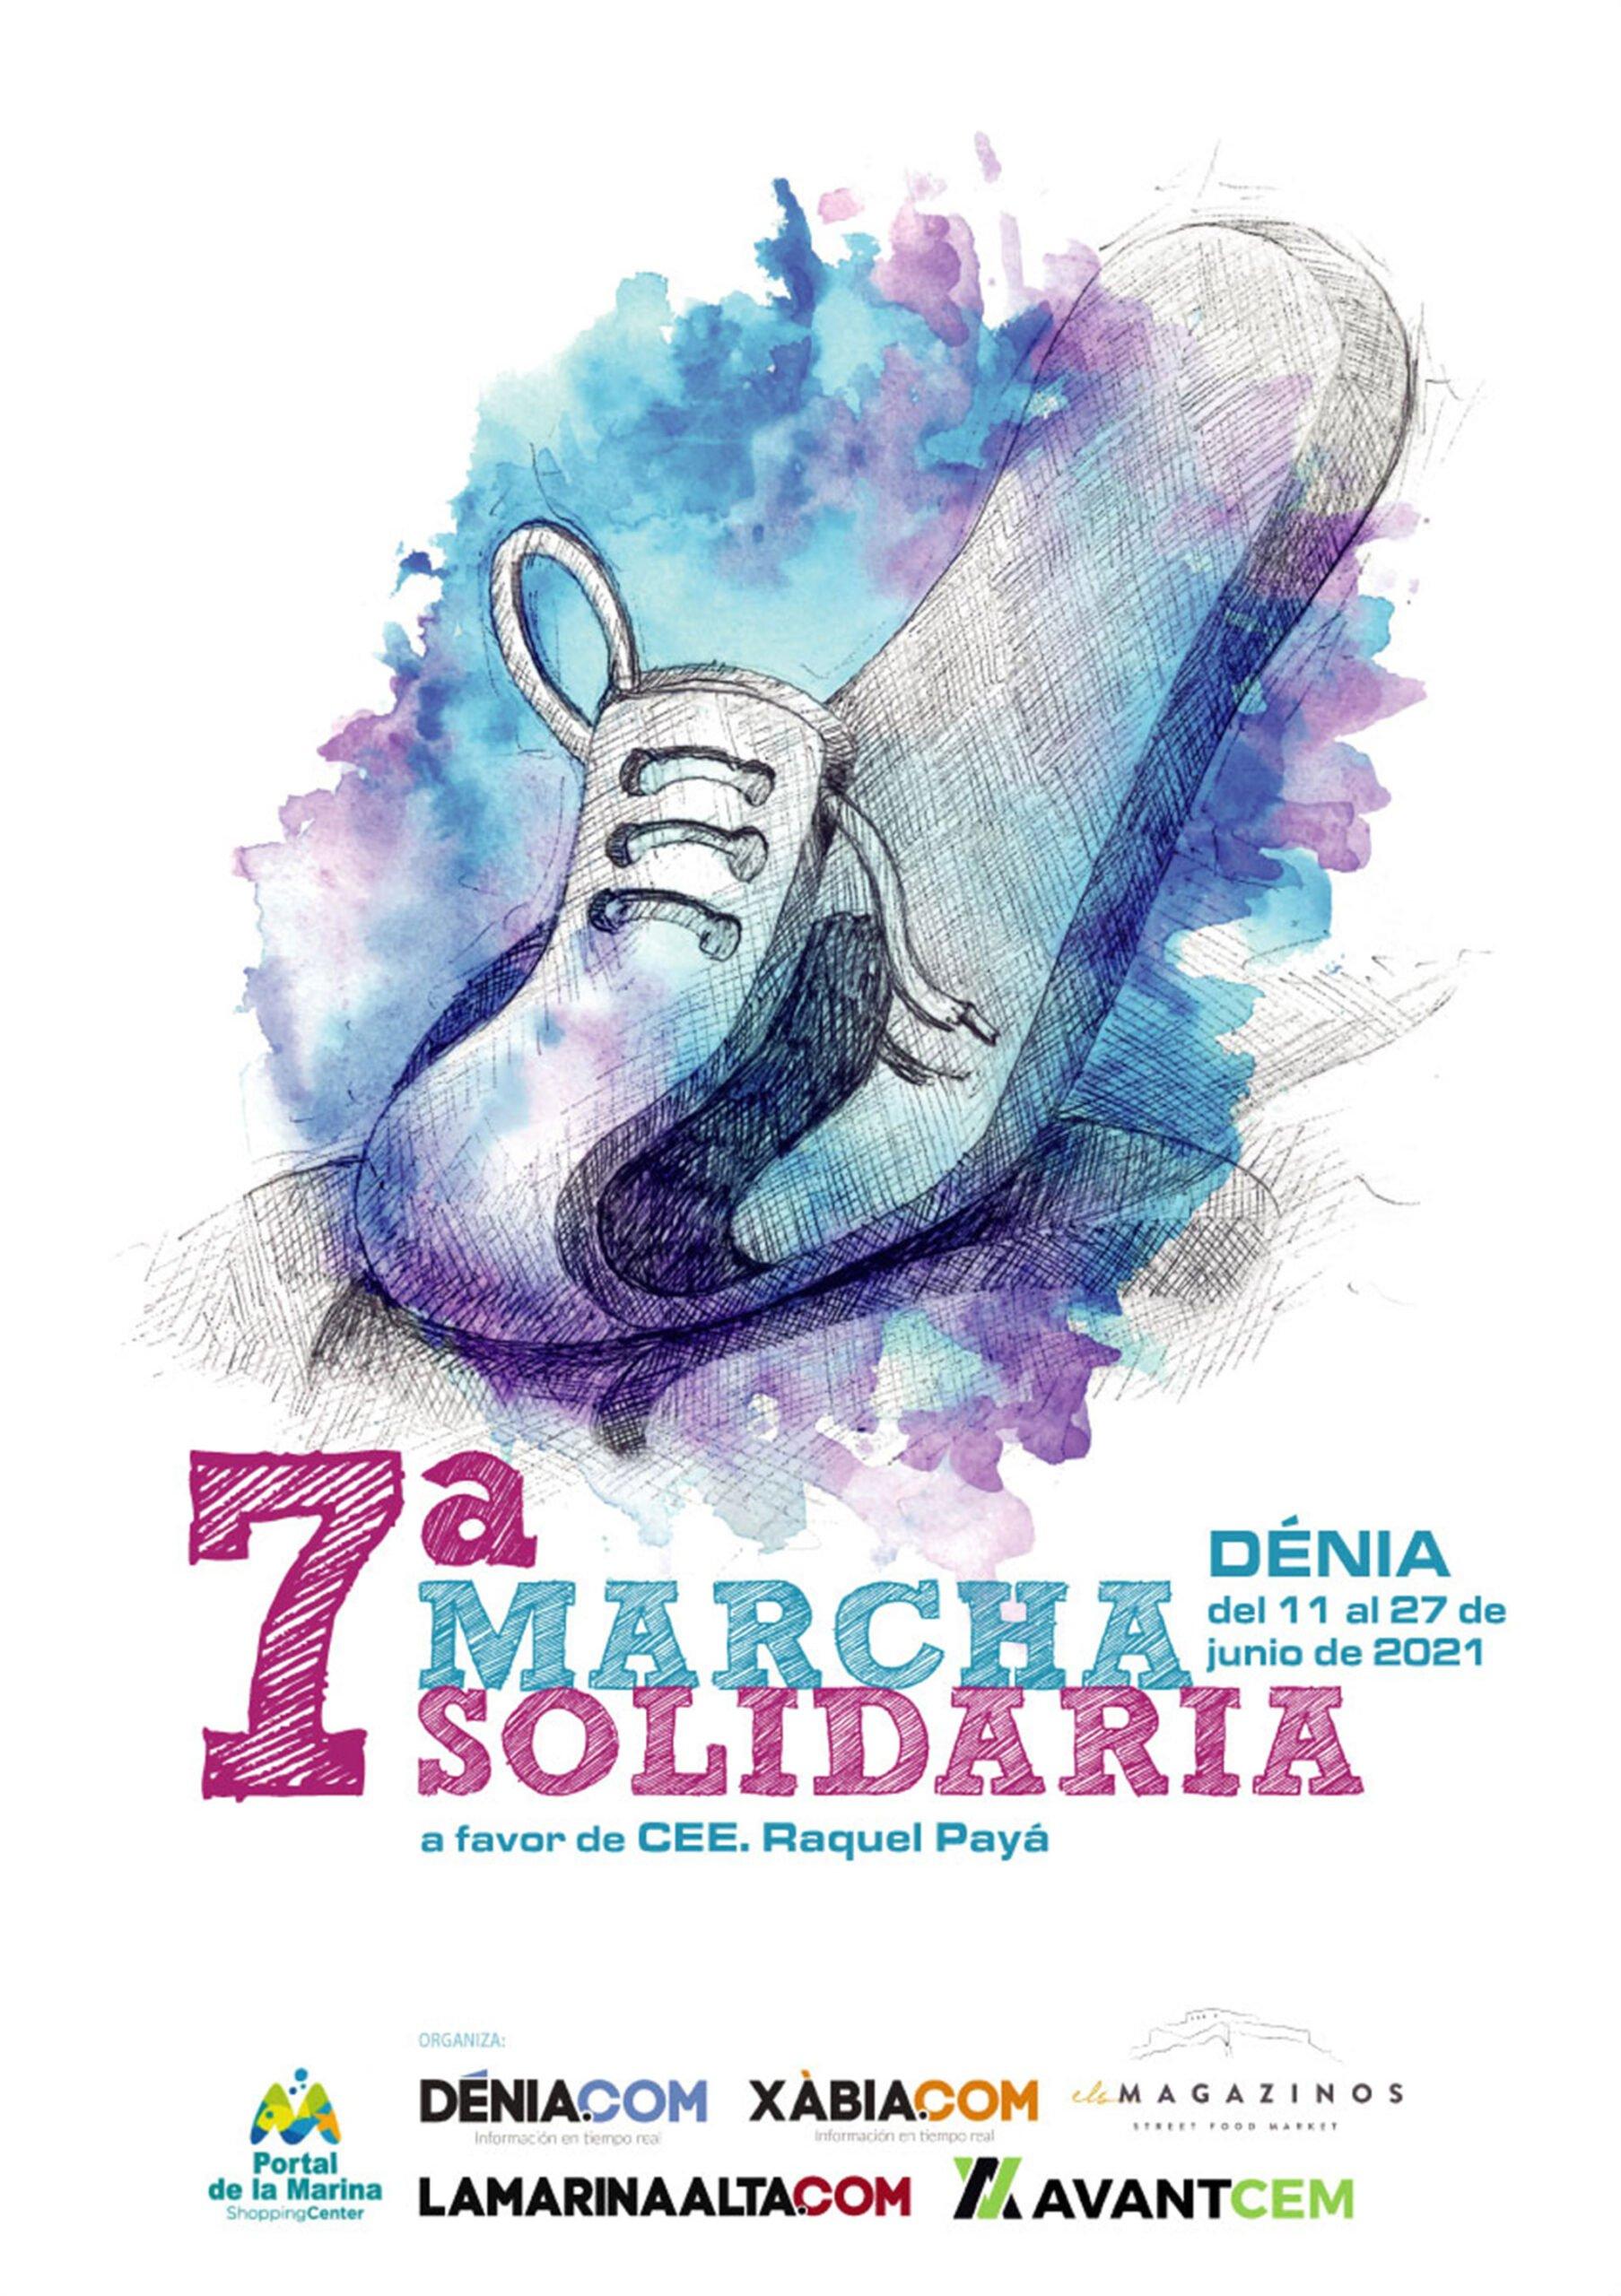 Cartel de la Carrera Solidaria de 2021